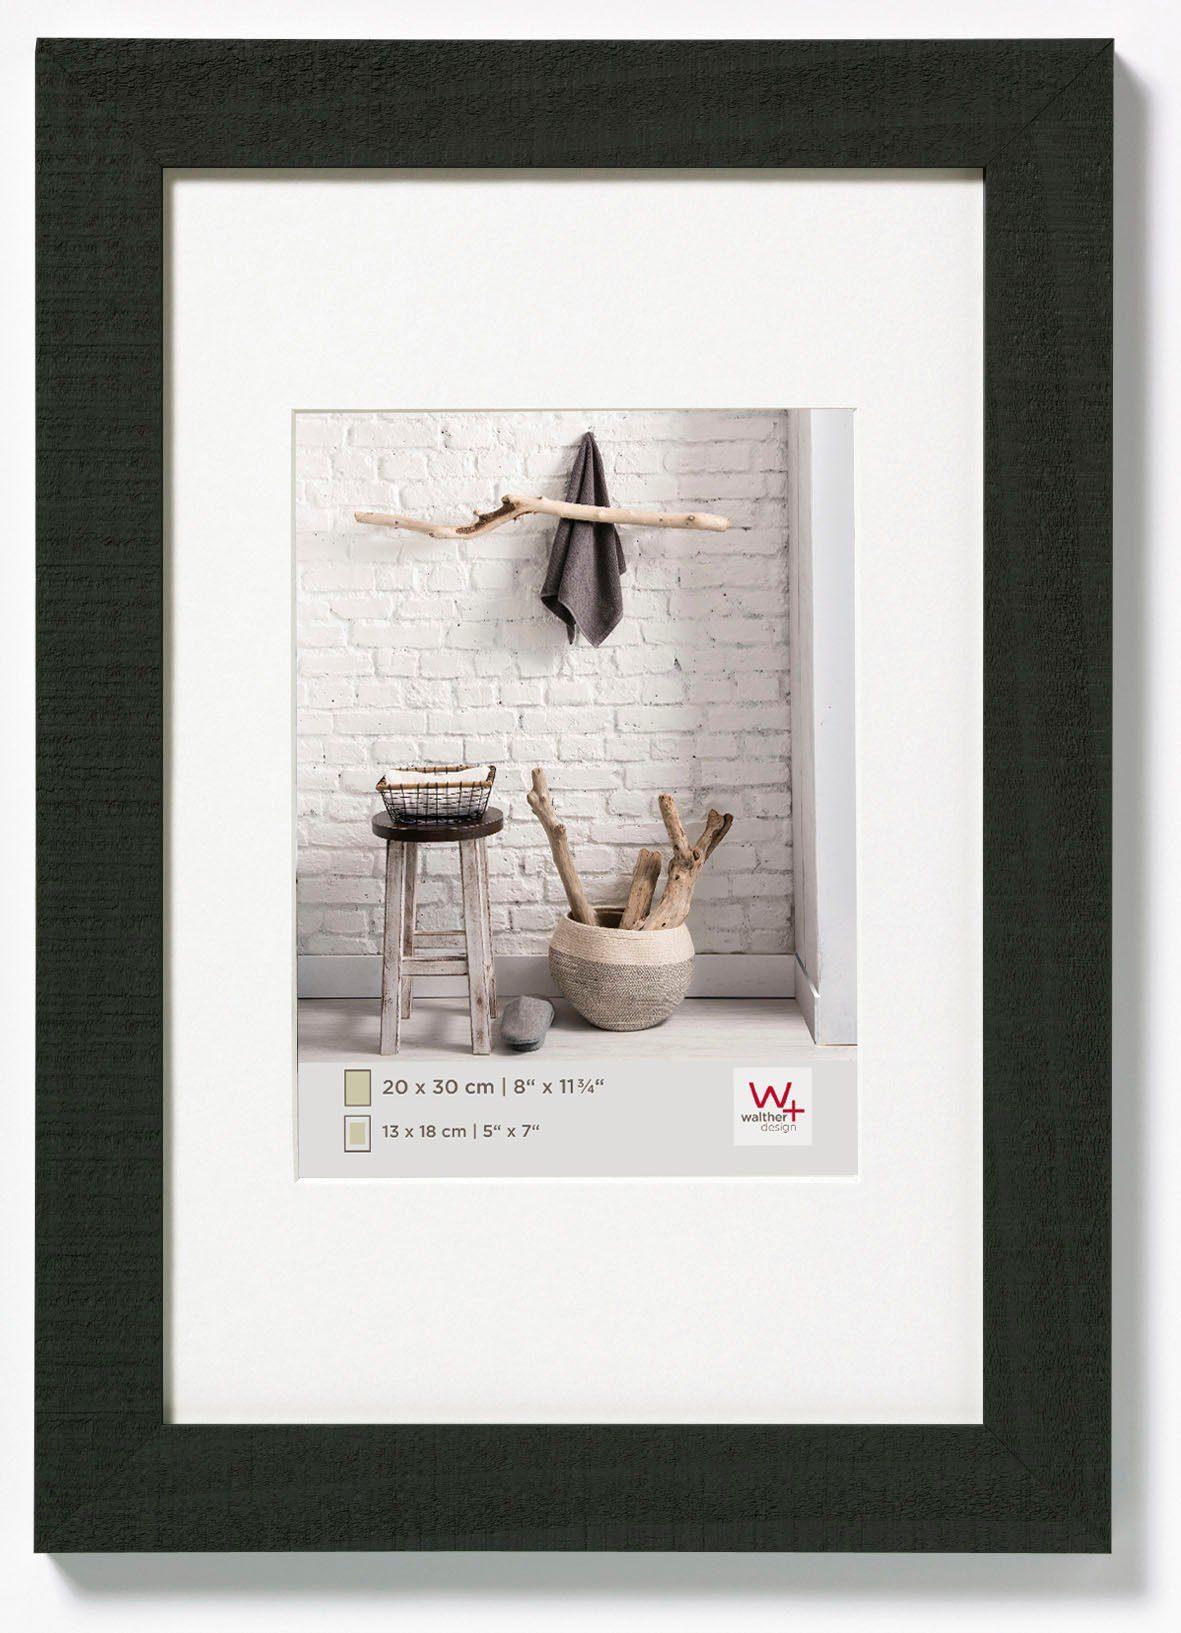 Walther Home Fotolijst Fotoformaat 21X29,7 cm (A4) Zwart online kopen